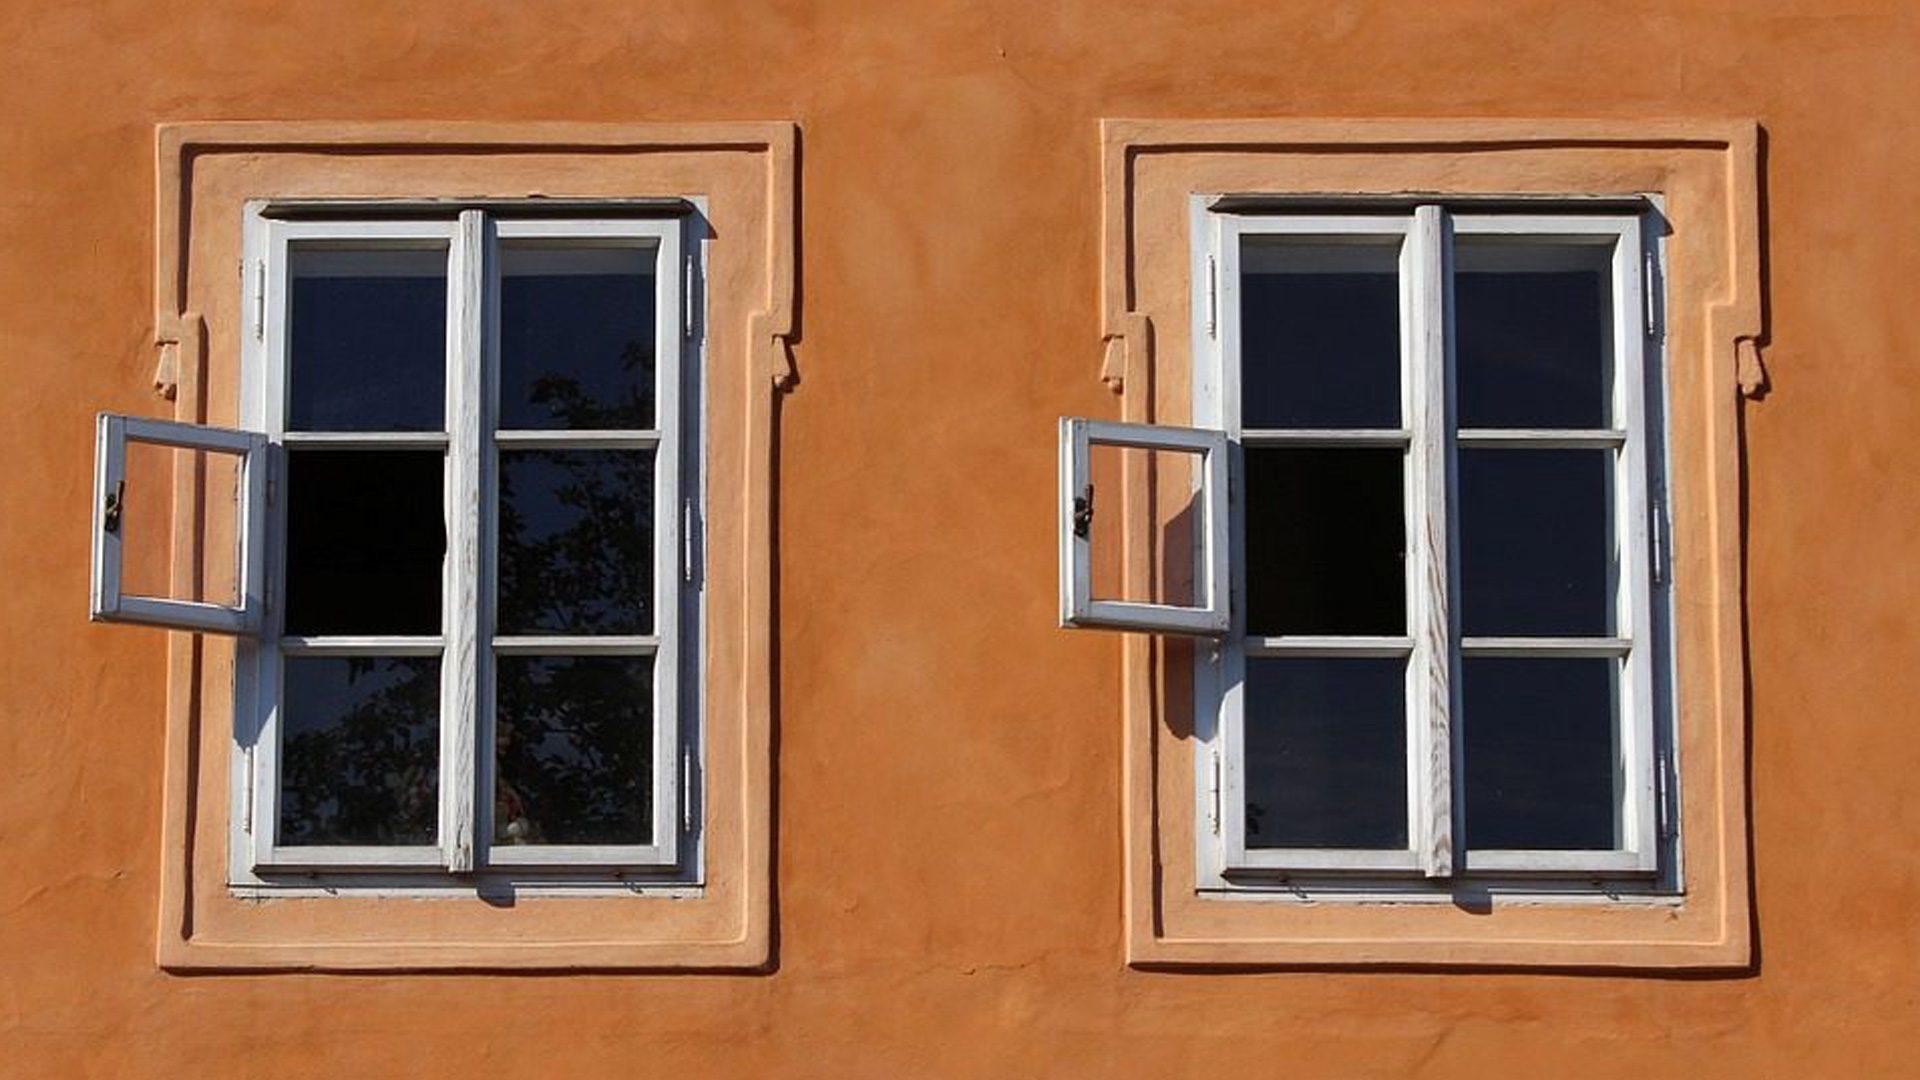 5 consigli utili per incrementare l'efficienza energetica delle tue finestre